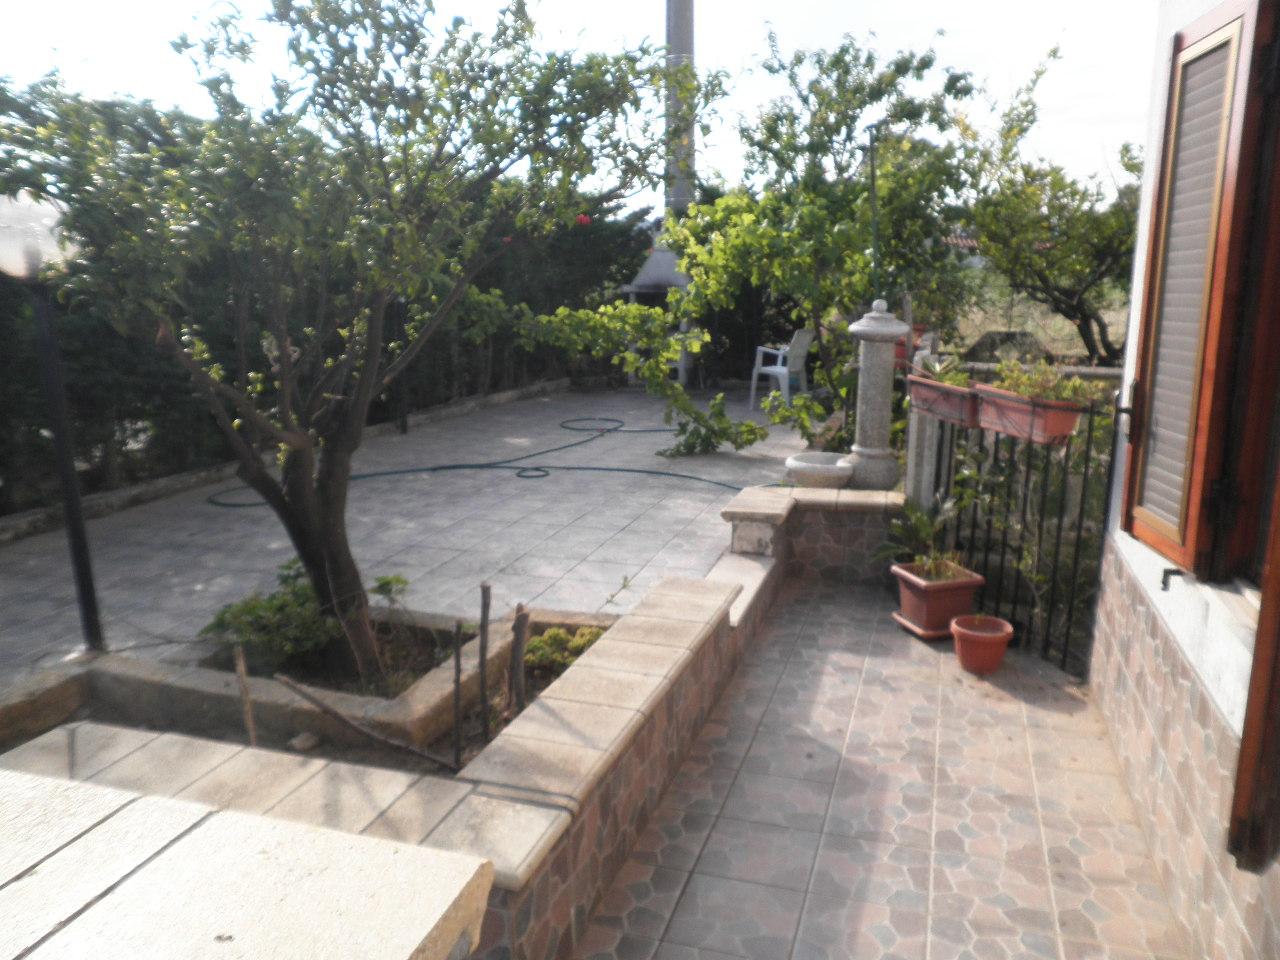 Appartamento in vendita a Sellia Marina, 3 locali, zona Zona: Ruggero, prezzo € 75.000 | Cambio Casa.it